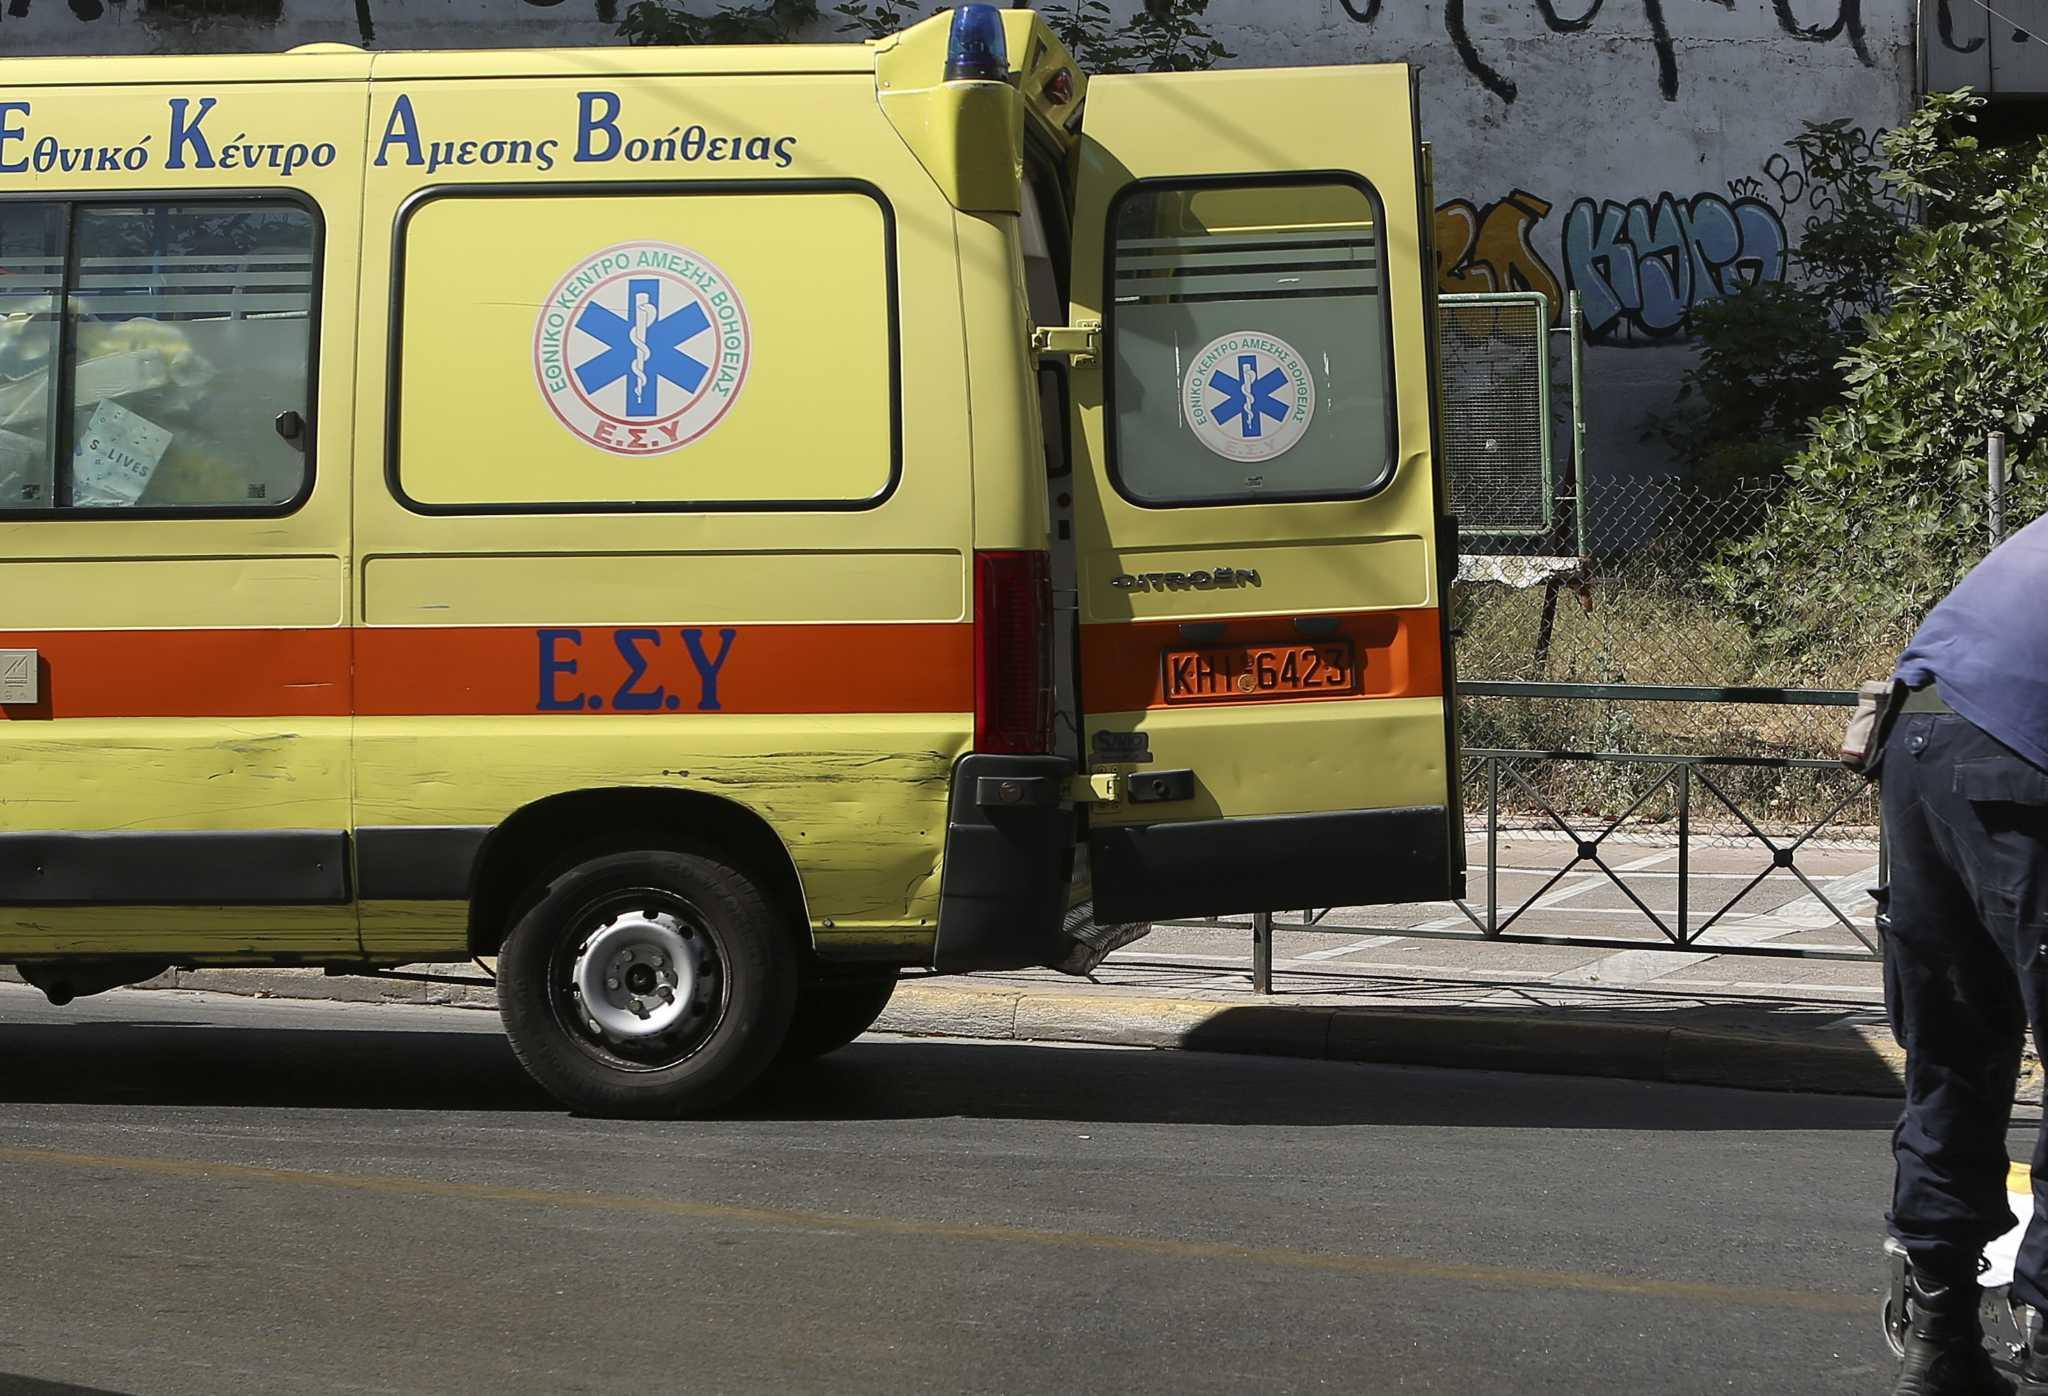 Θεσσαλονίκη: Δώρο ζωής οι νεφροί του 23χρονου Ιάσονα σε δυο ασθενείς που υποβλήθηκαν σε μεταμόσχευση